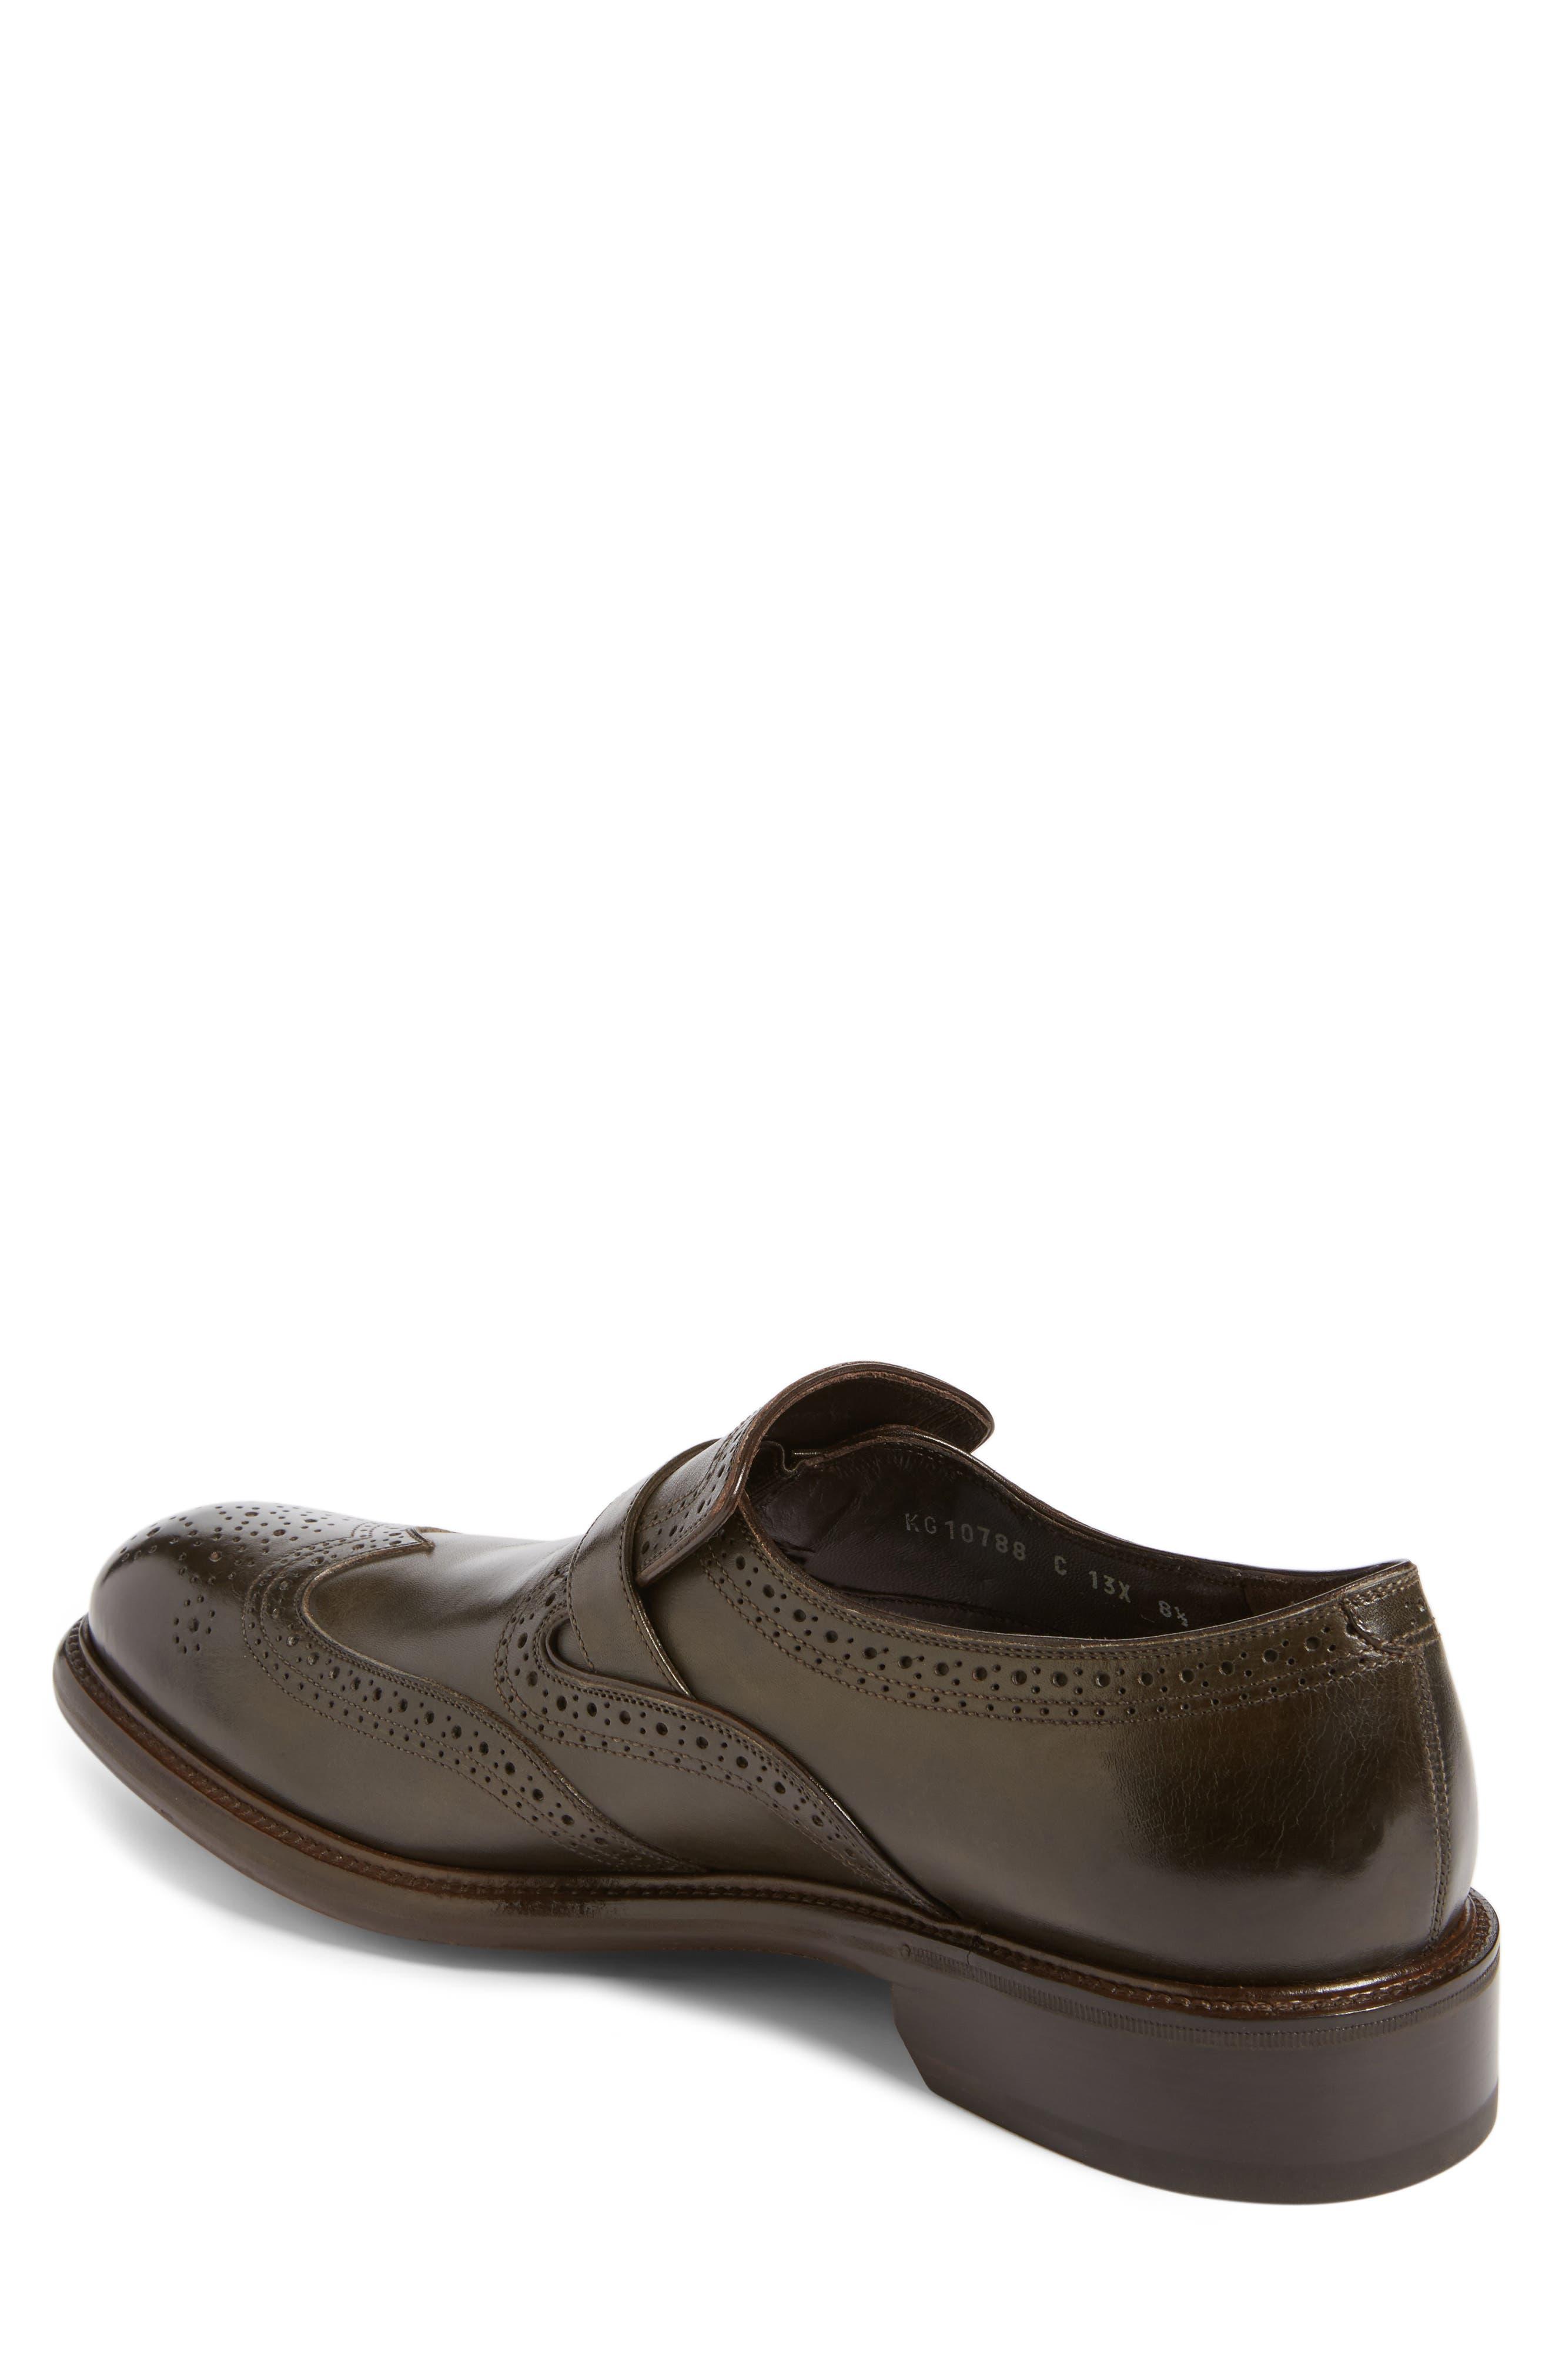 Monk Strap Shoe,                             Alternate thumbnail 2, color,                             209